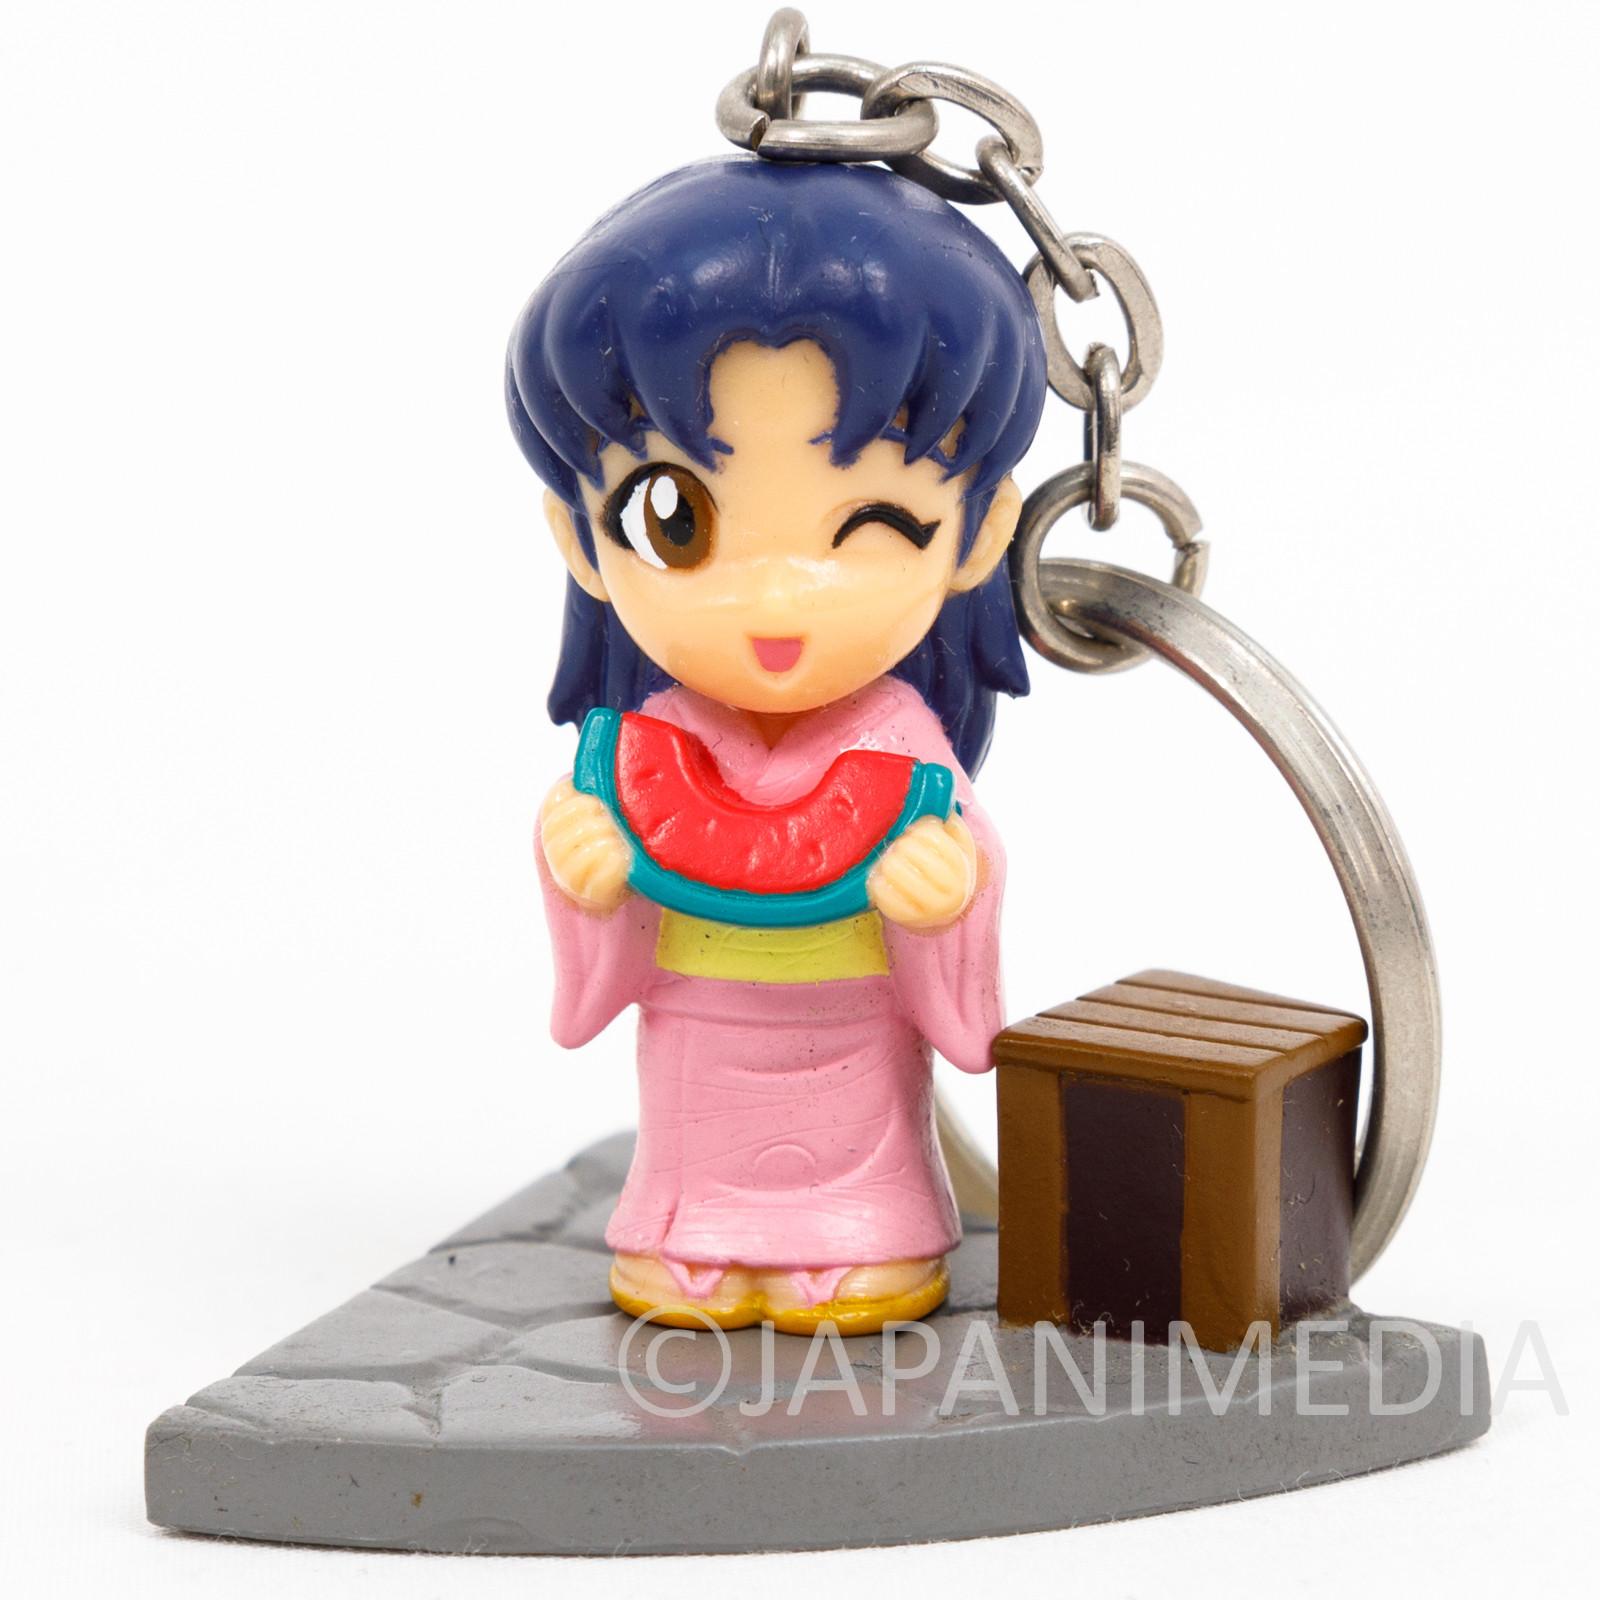 Evangelion Misato Katsuragi Yukata Kimono ver. Figure Keychain SEGA JAPAN